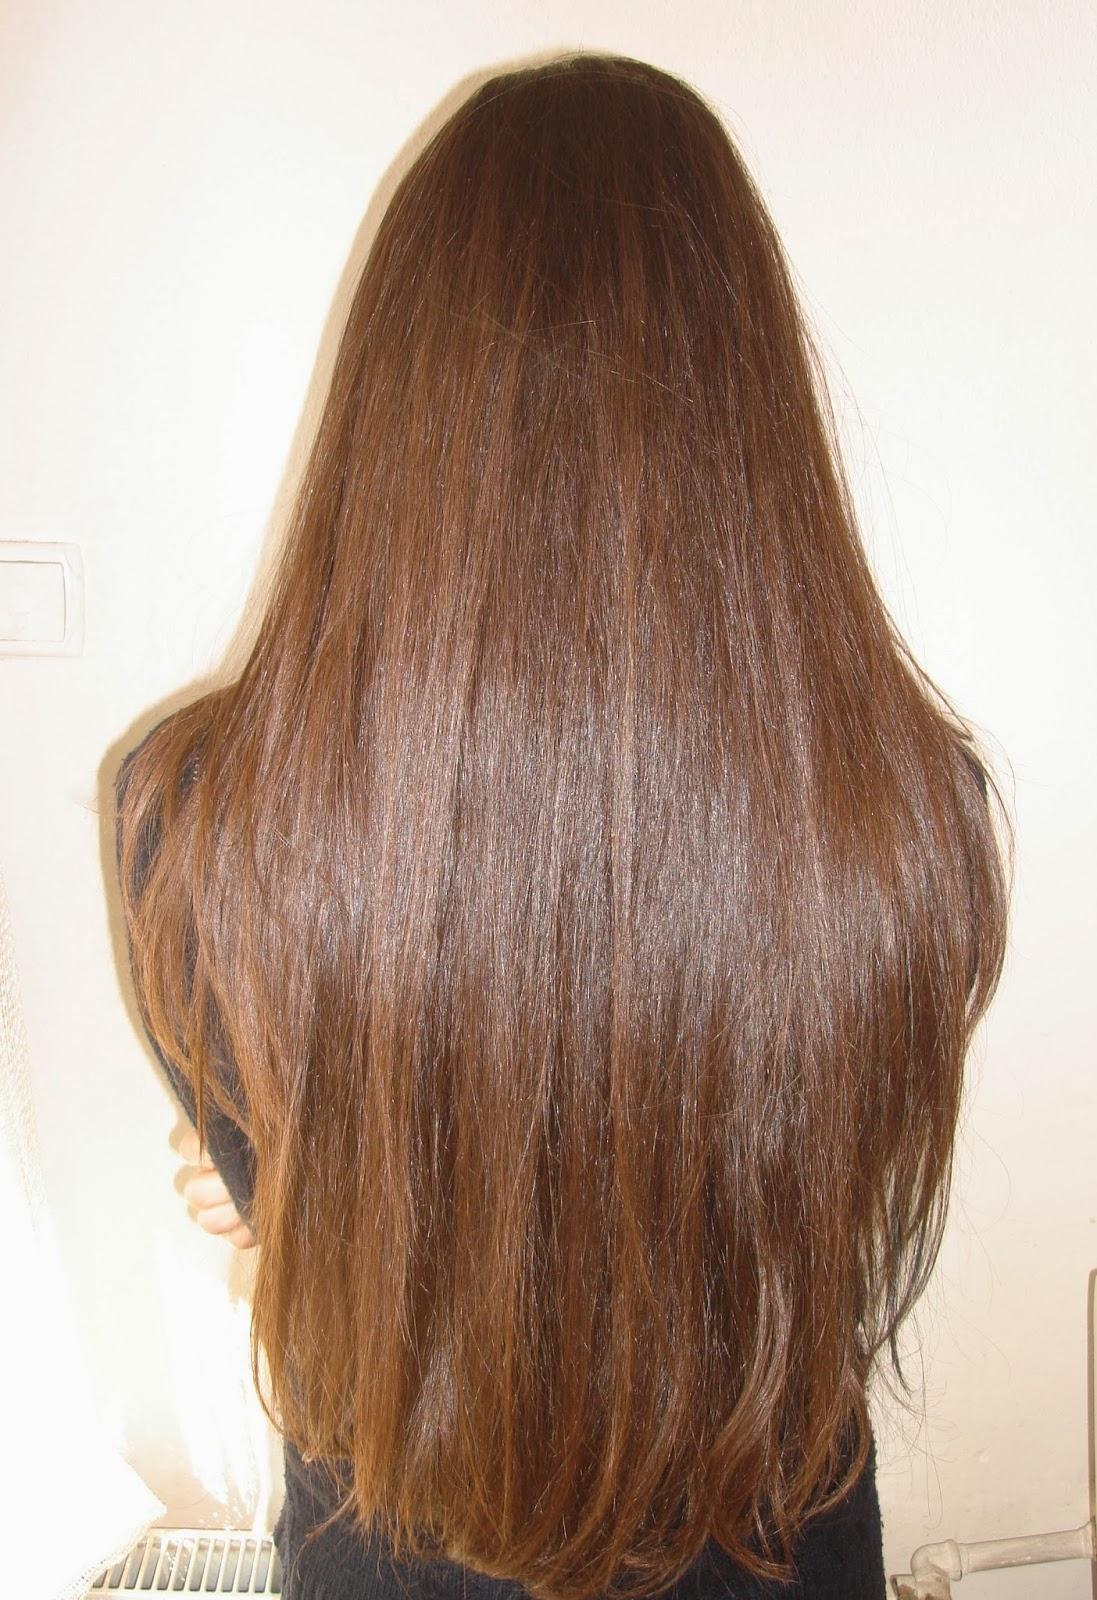 Yumuşak Saçlar için Öneriler